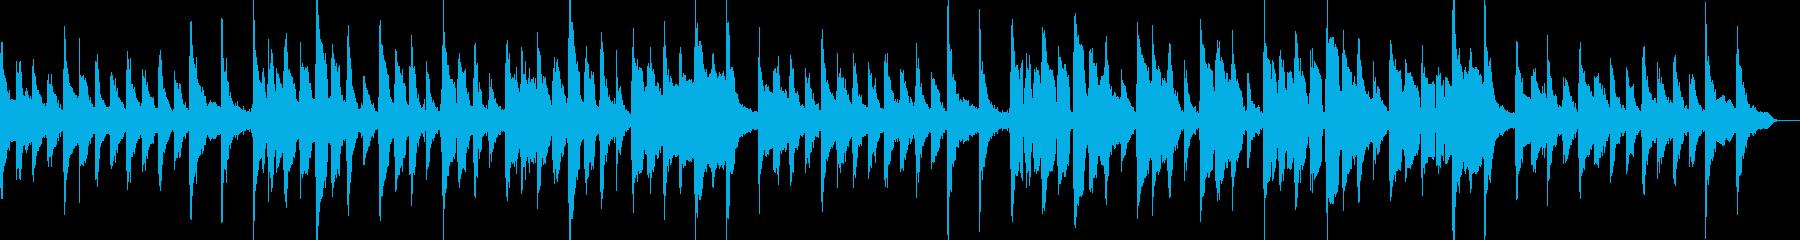 子供の歌で天真爛漫な曲の再生済みの波形